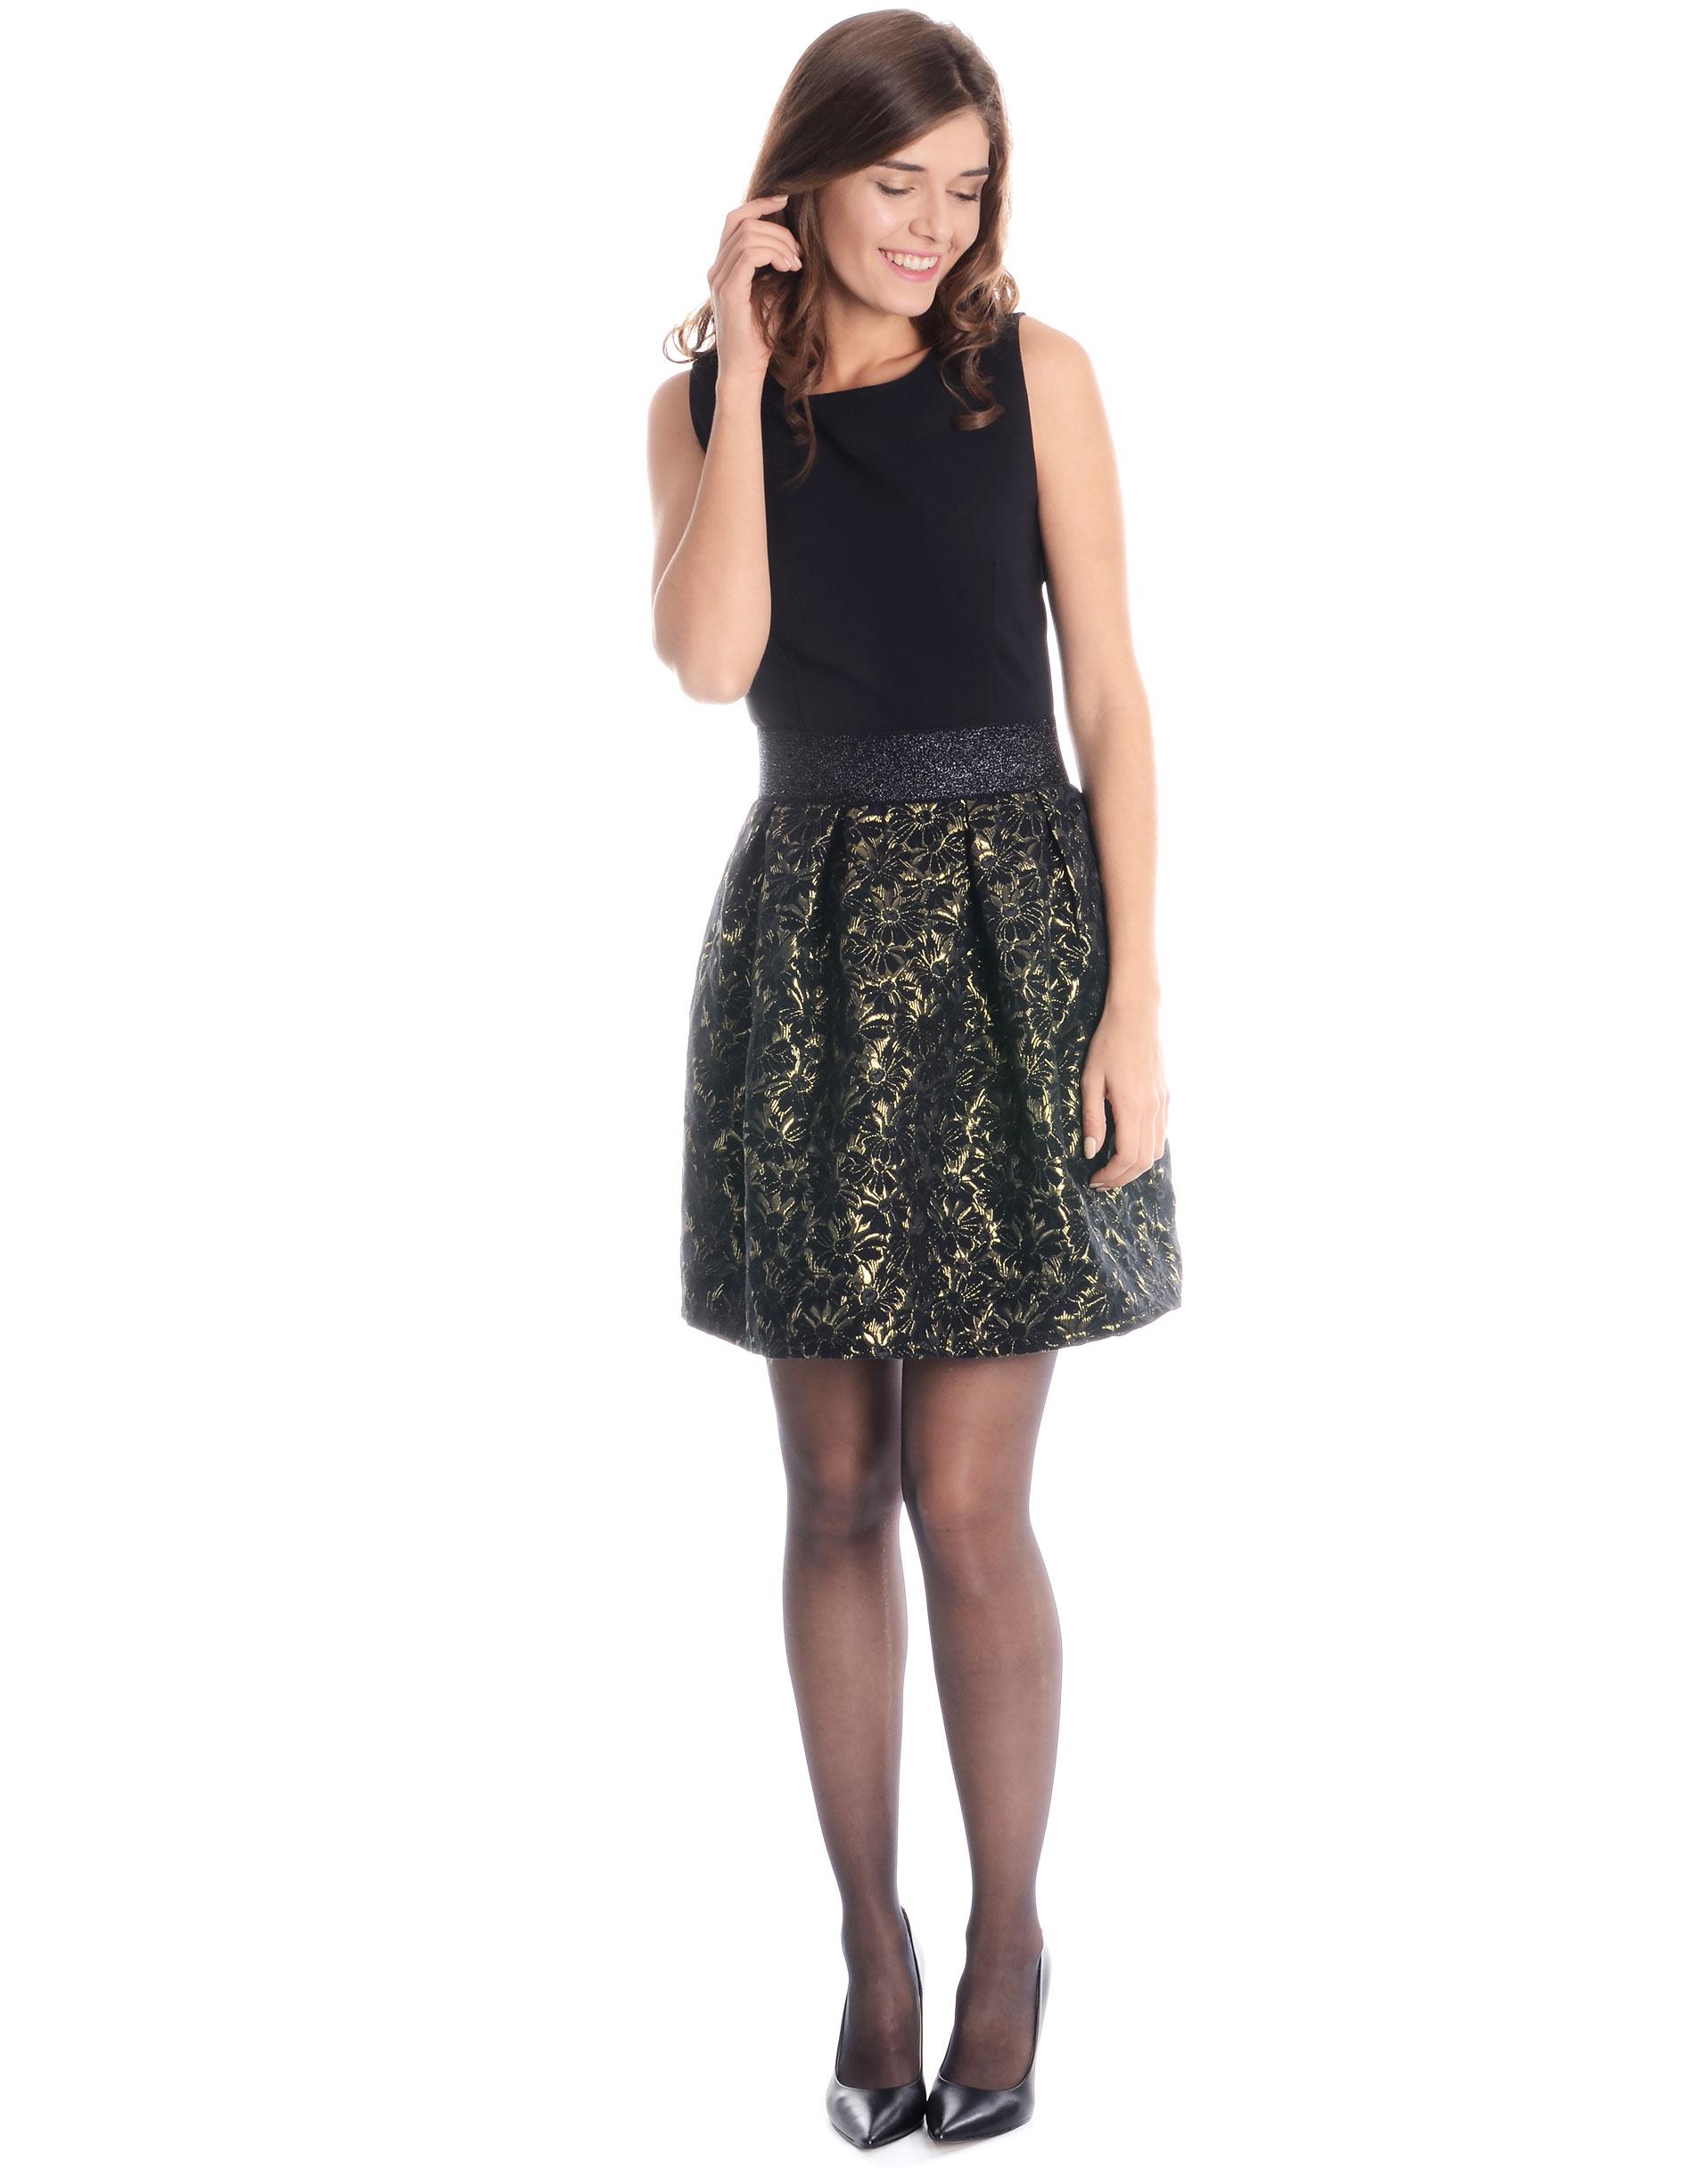 Sukienka - 46-2828 NERO - Unisono